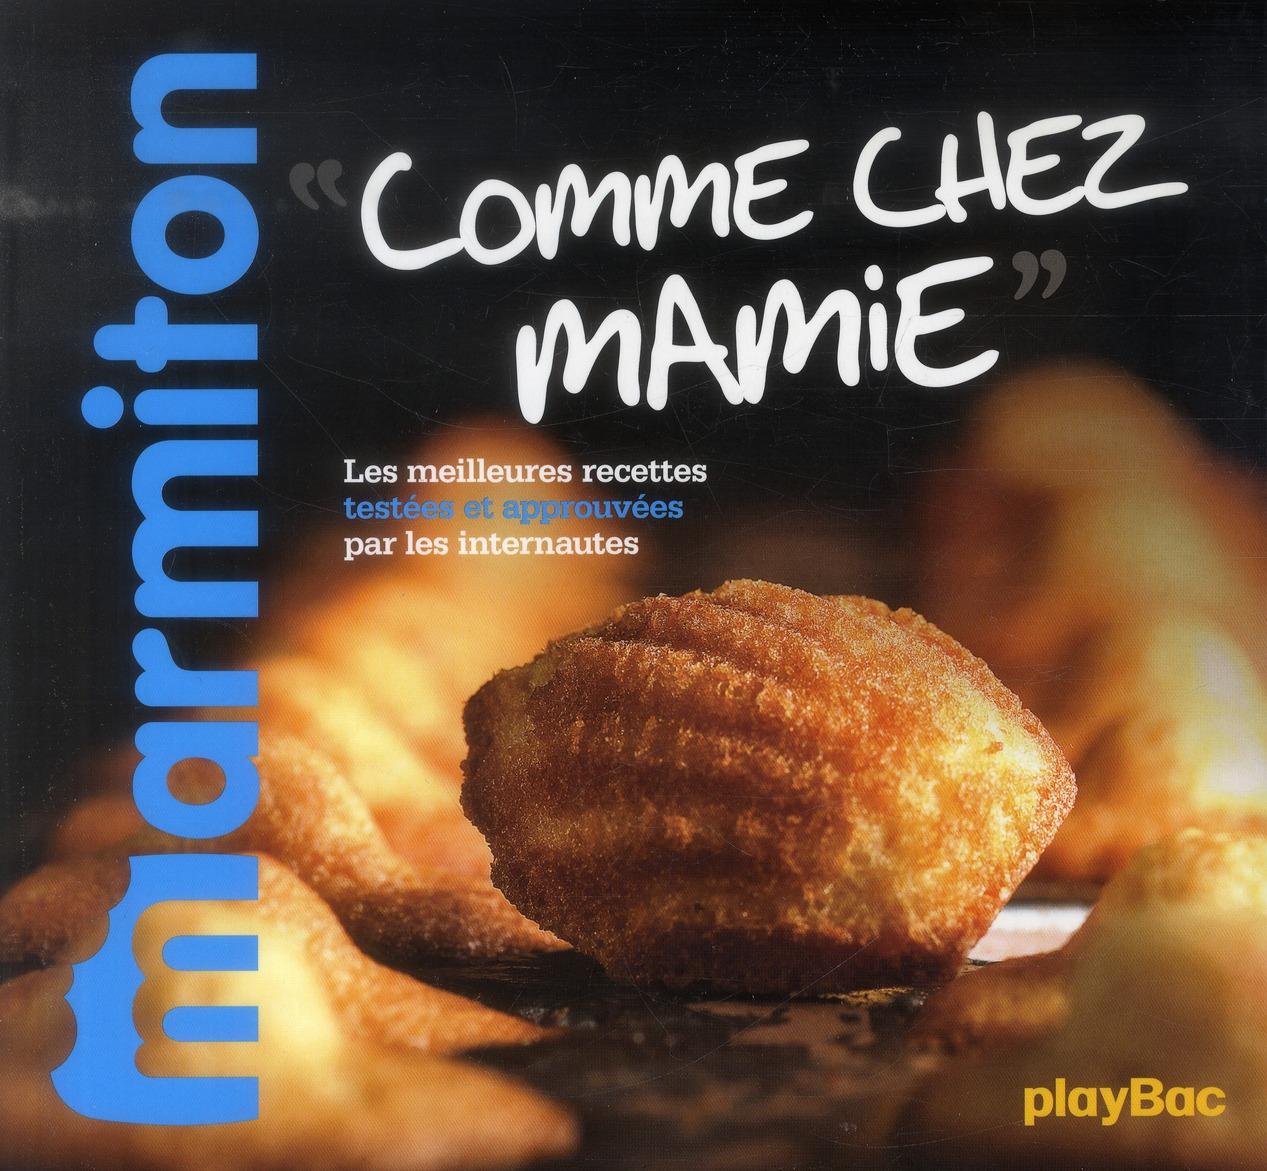 RECETTES COMME CHEZ MAMIE - LE MEILLEUR DE MARMITON